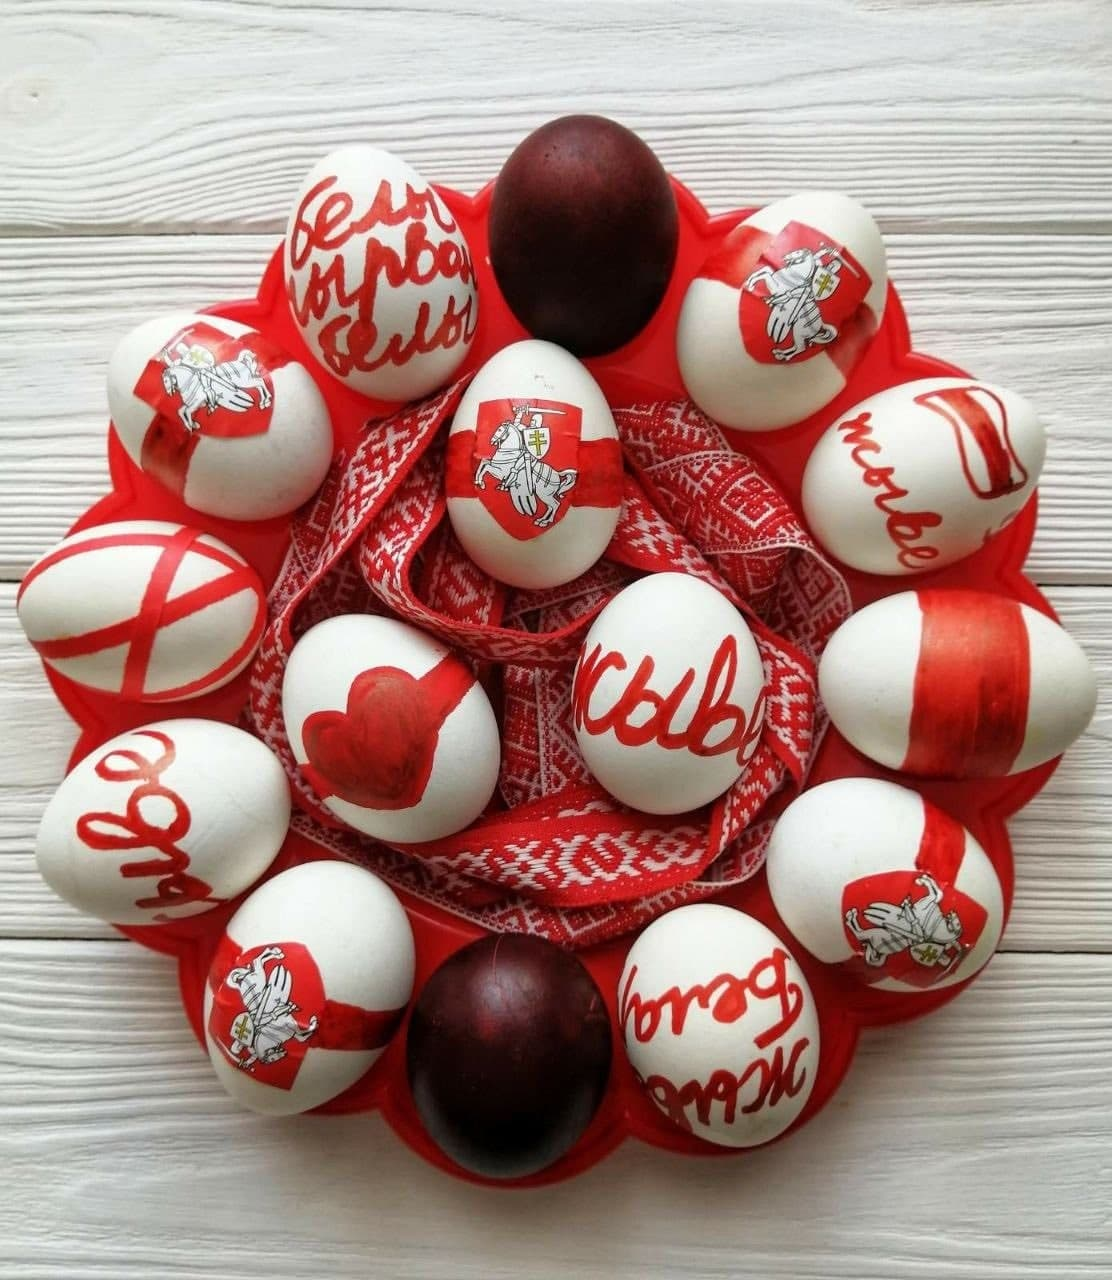 Белорусы готовы праздновать Пасху с бело-красно-белой символикой3